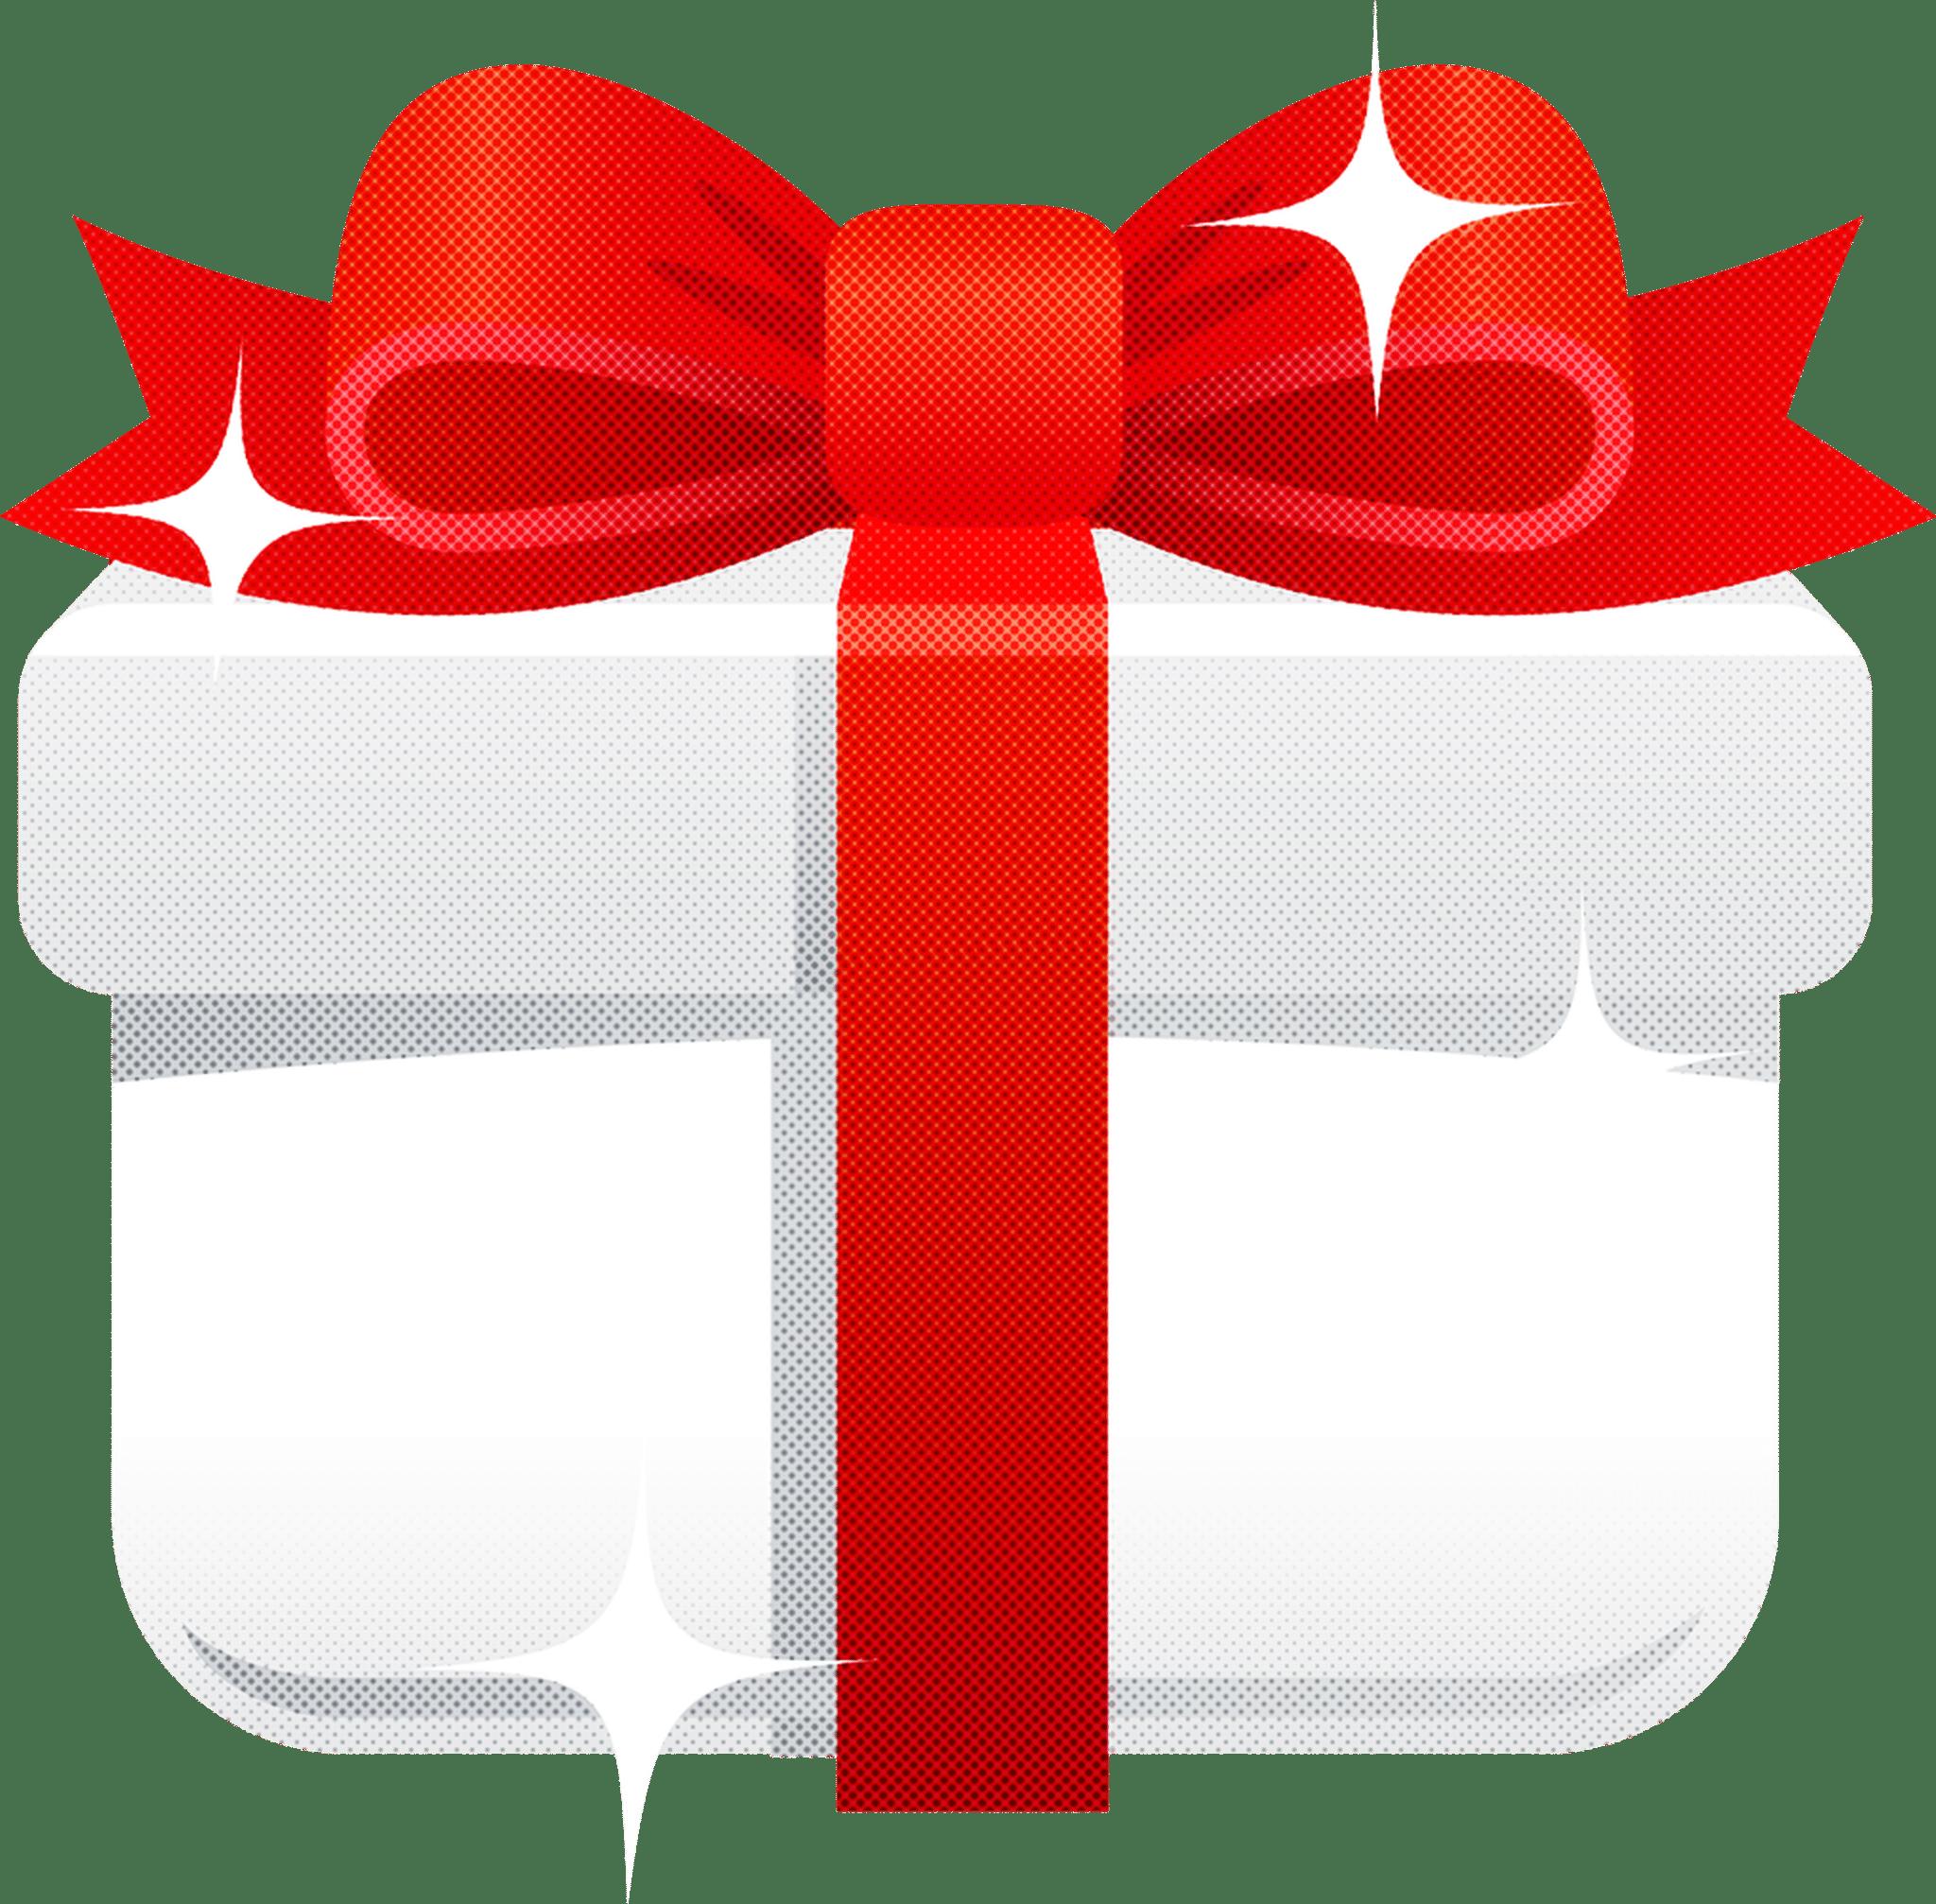 image of christmas gift